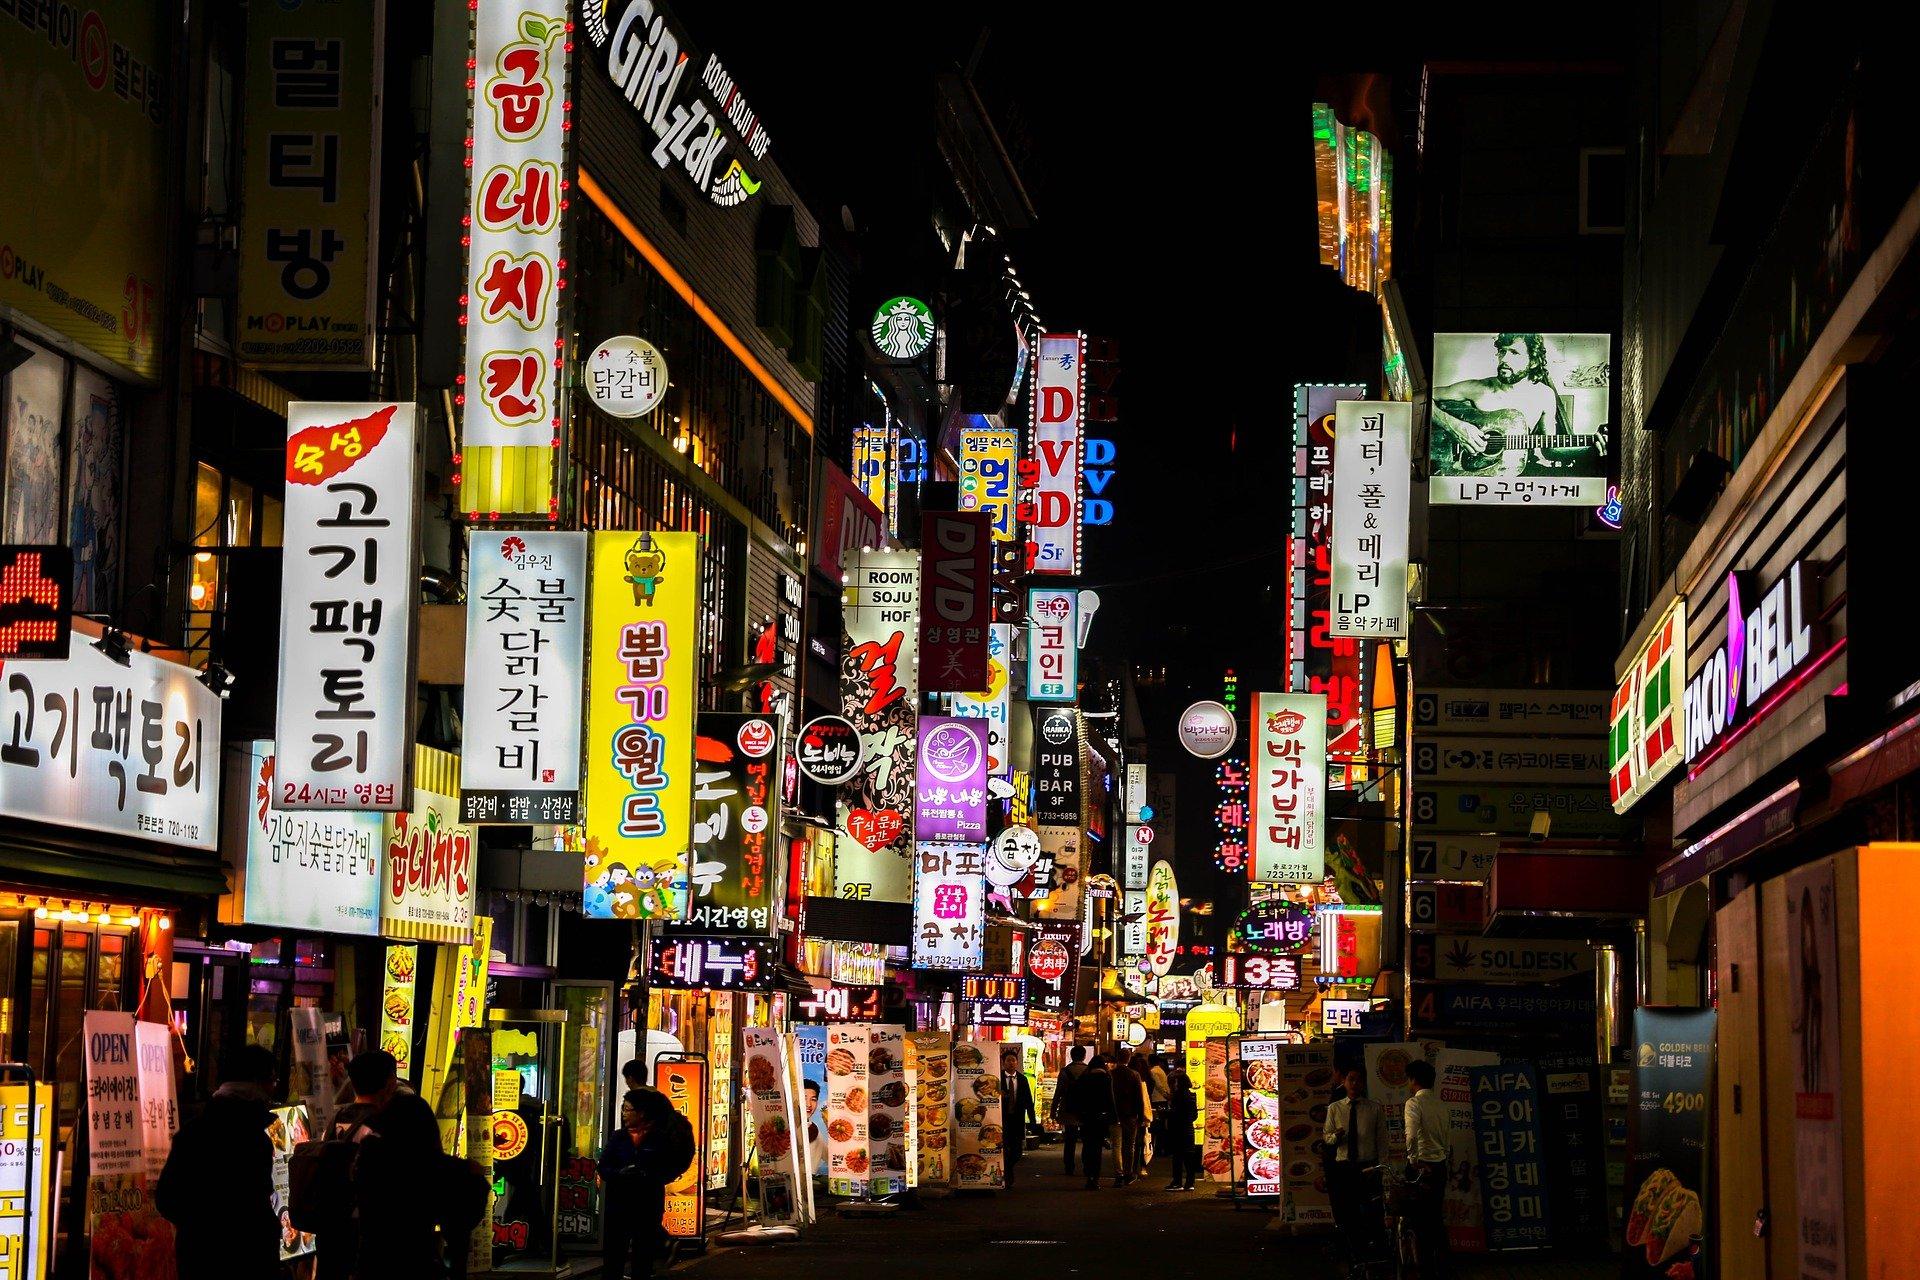 IUの出身国、韓国ではオンラインカジノが人気。その理由と「カジノX」の秘密に迫る